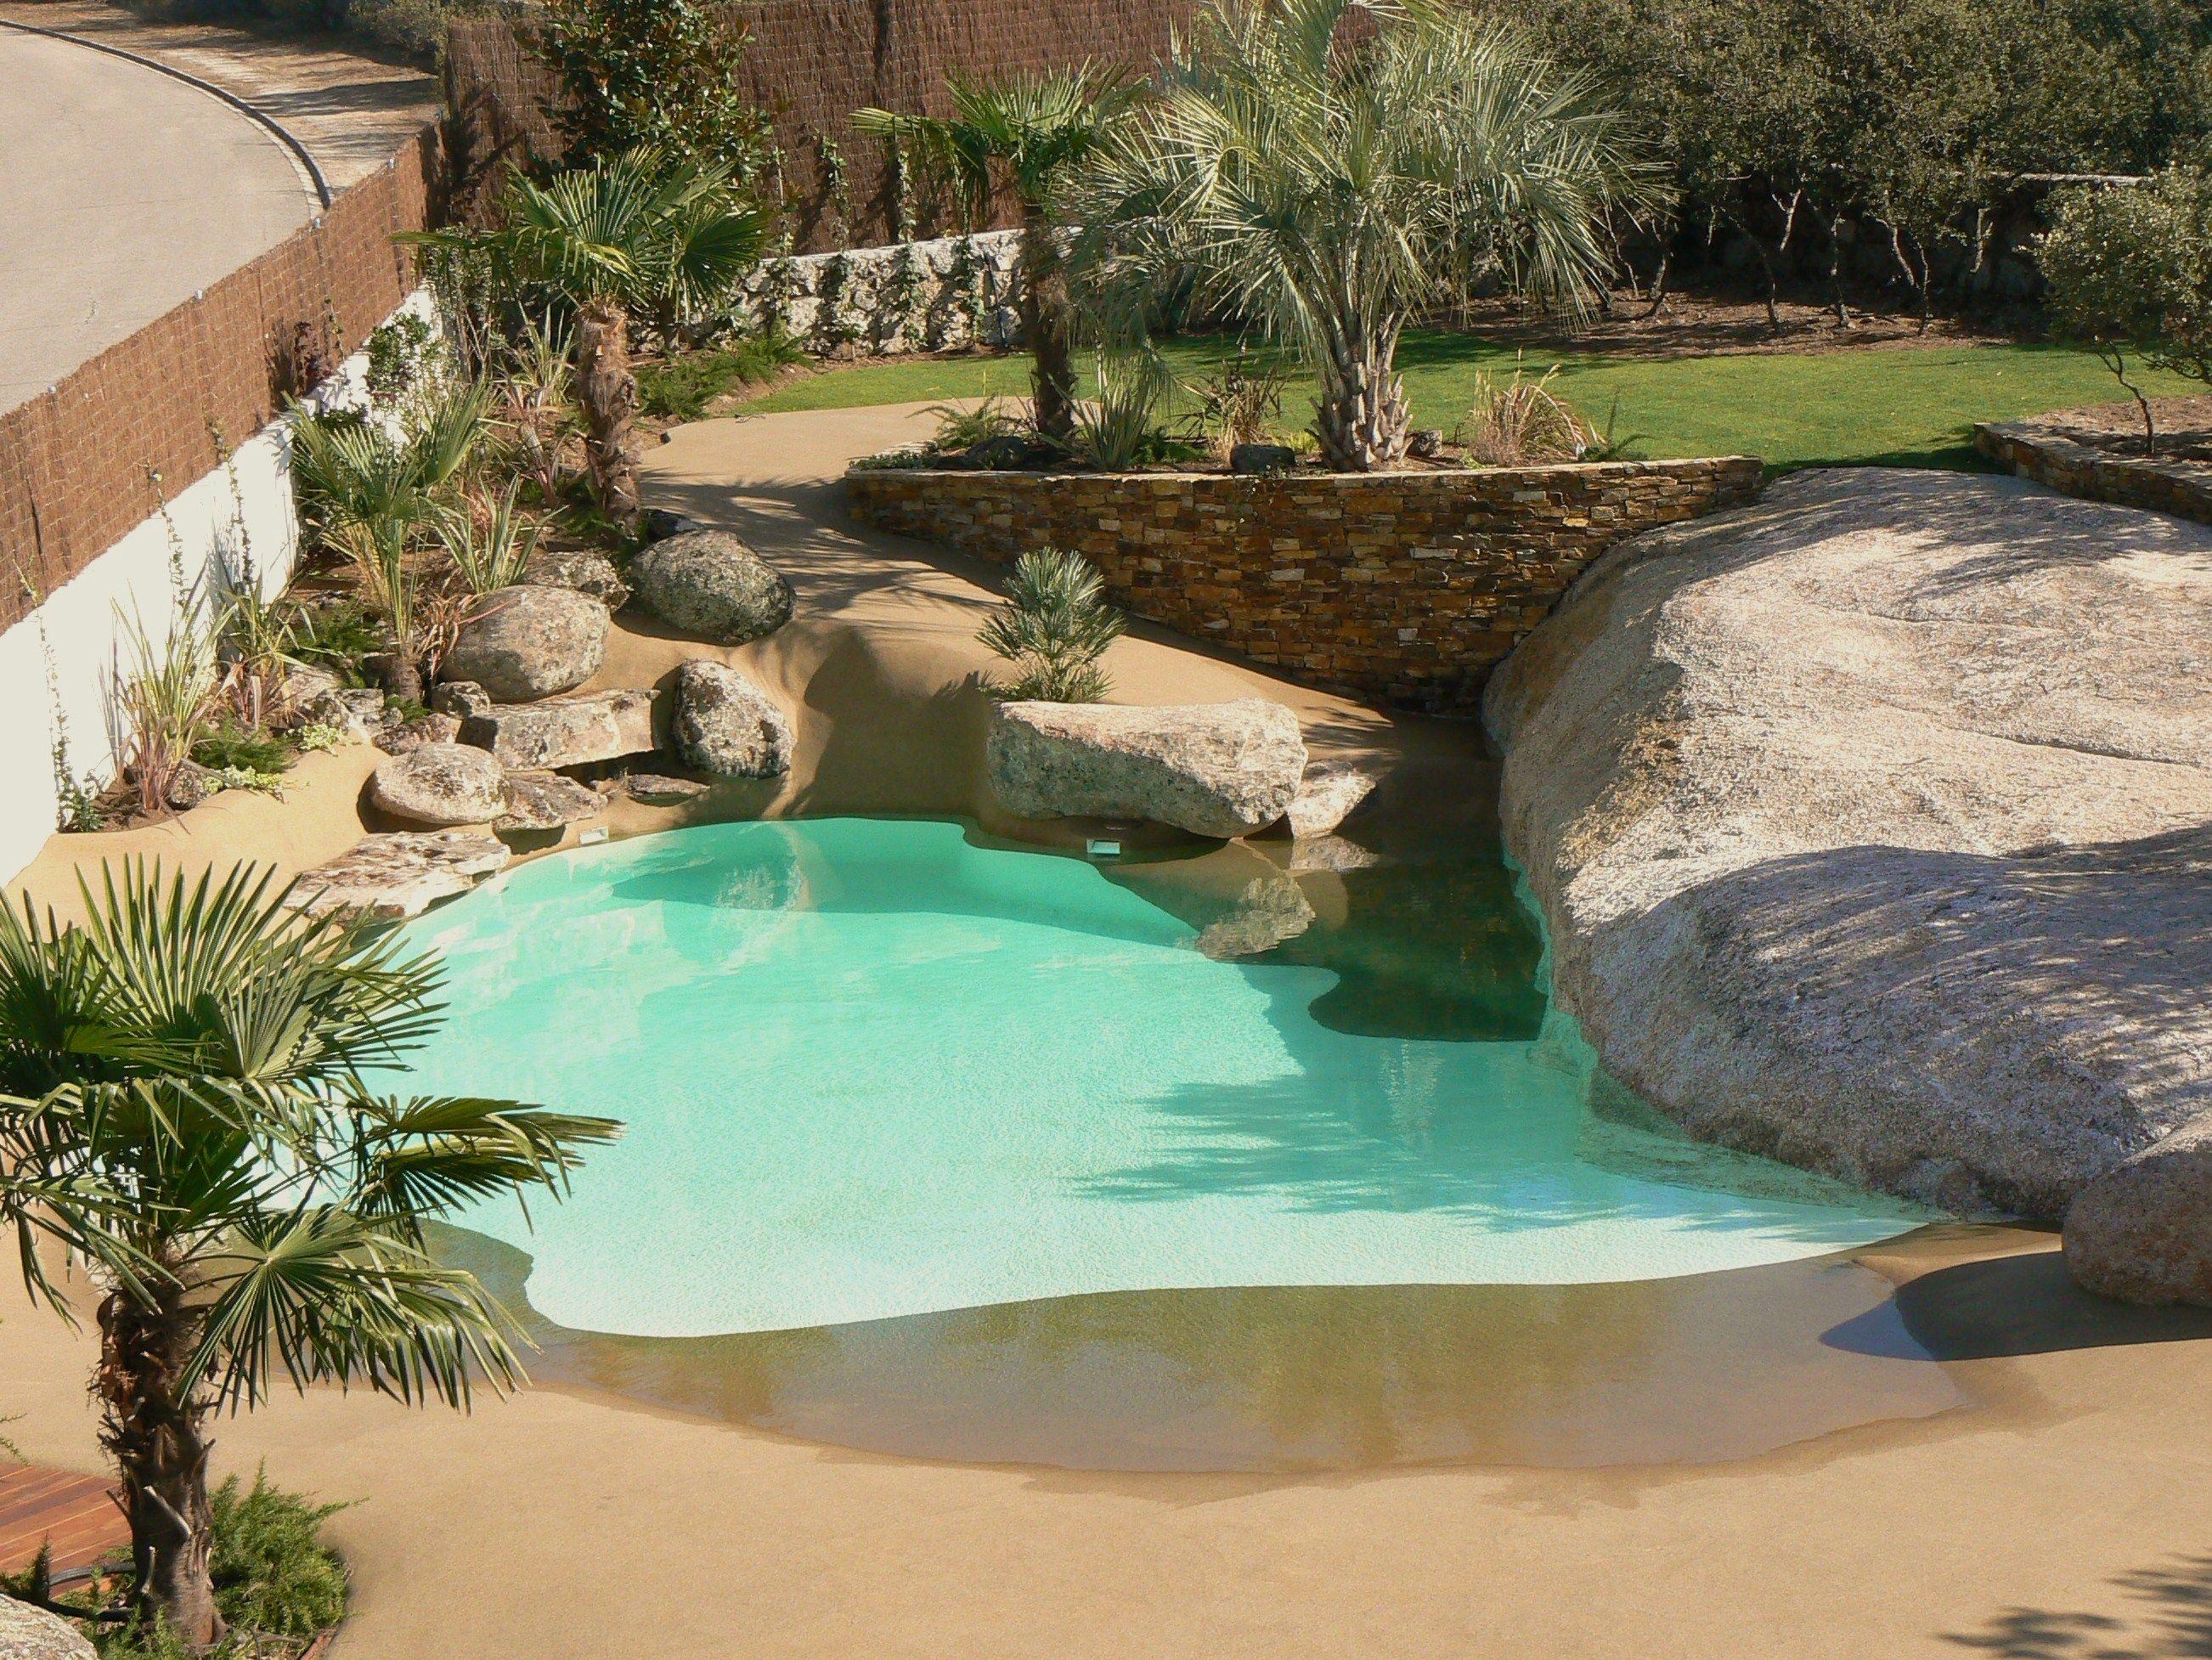 Una vivienda de La Berzosa acoge esta preciosa piscina de